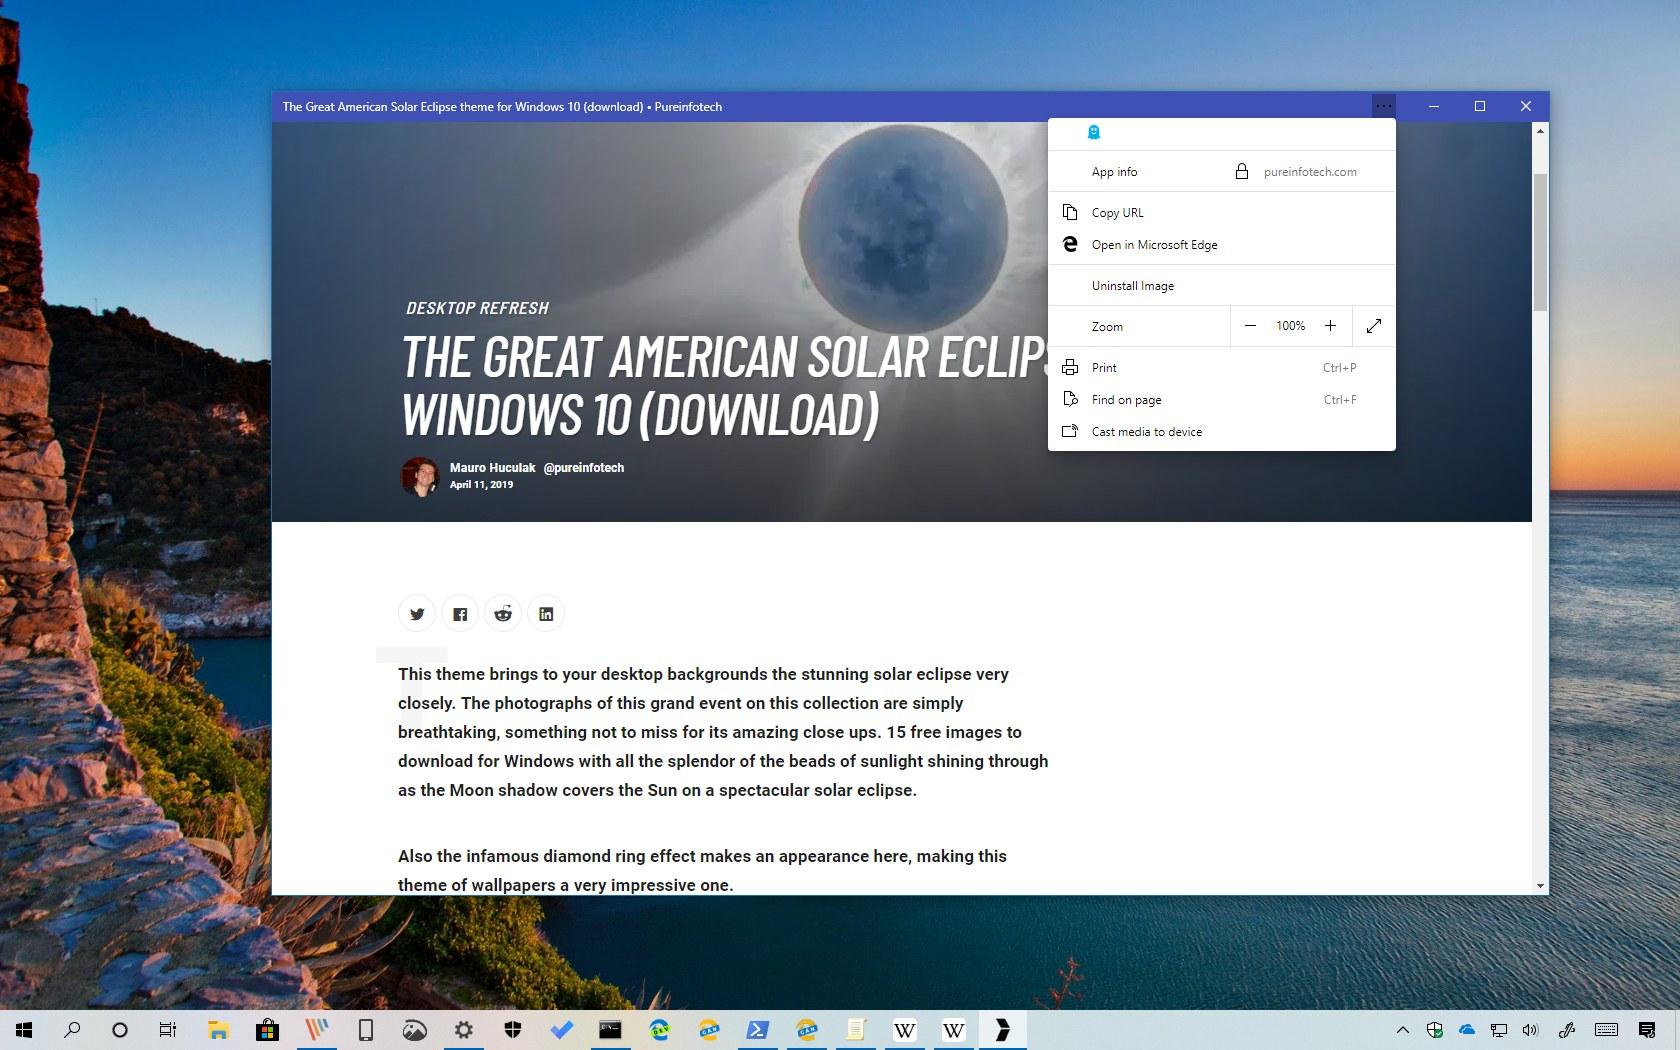 How to install a website as an app on Edge Chromium